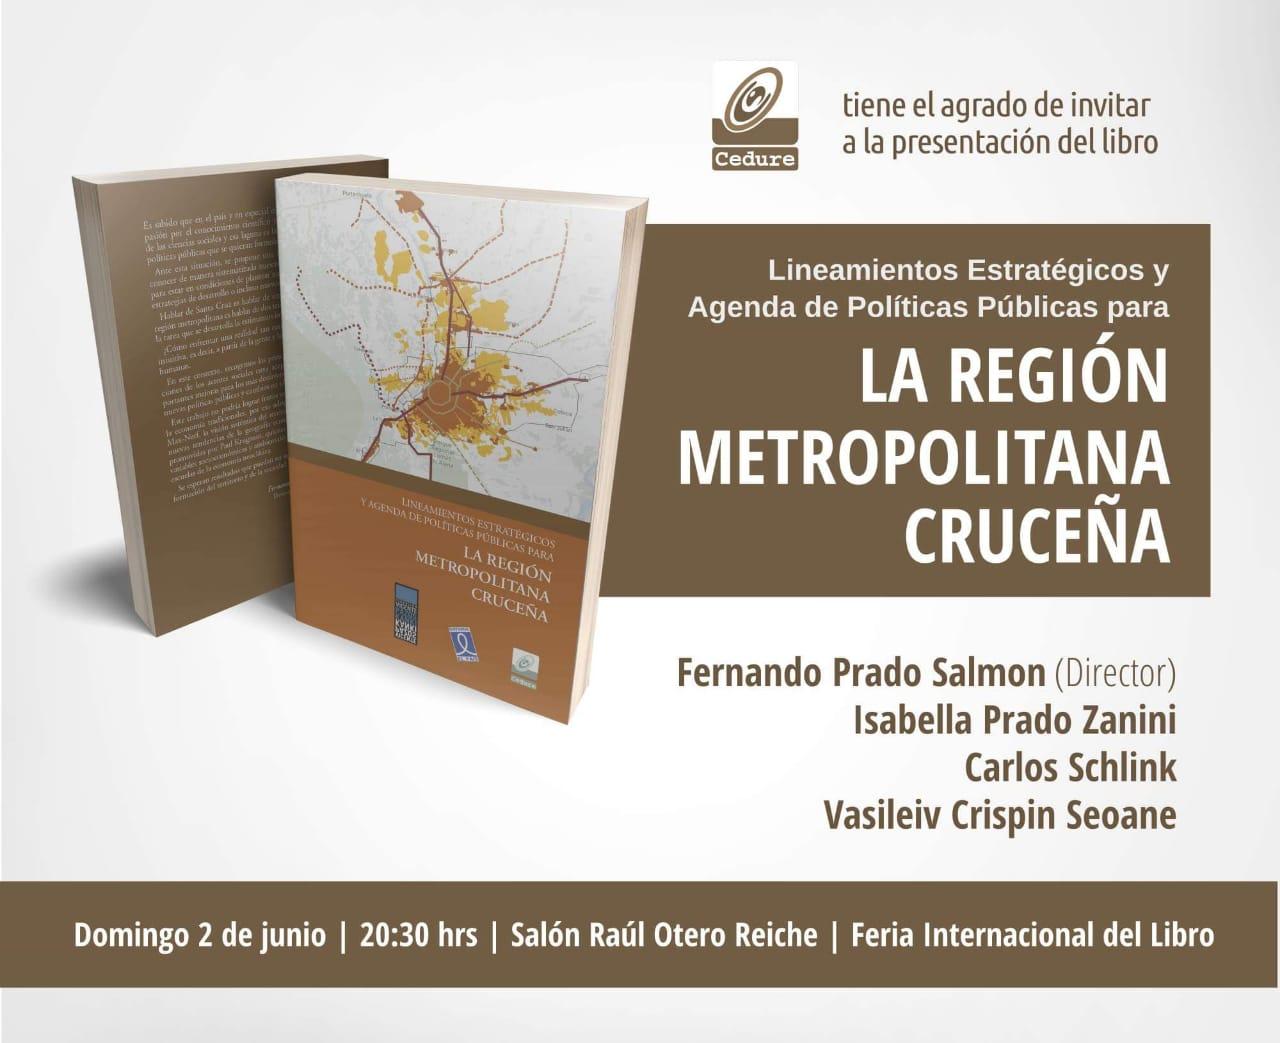 Nuevo libro para el análisis y la crítica: La región metropolitana cruceña